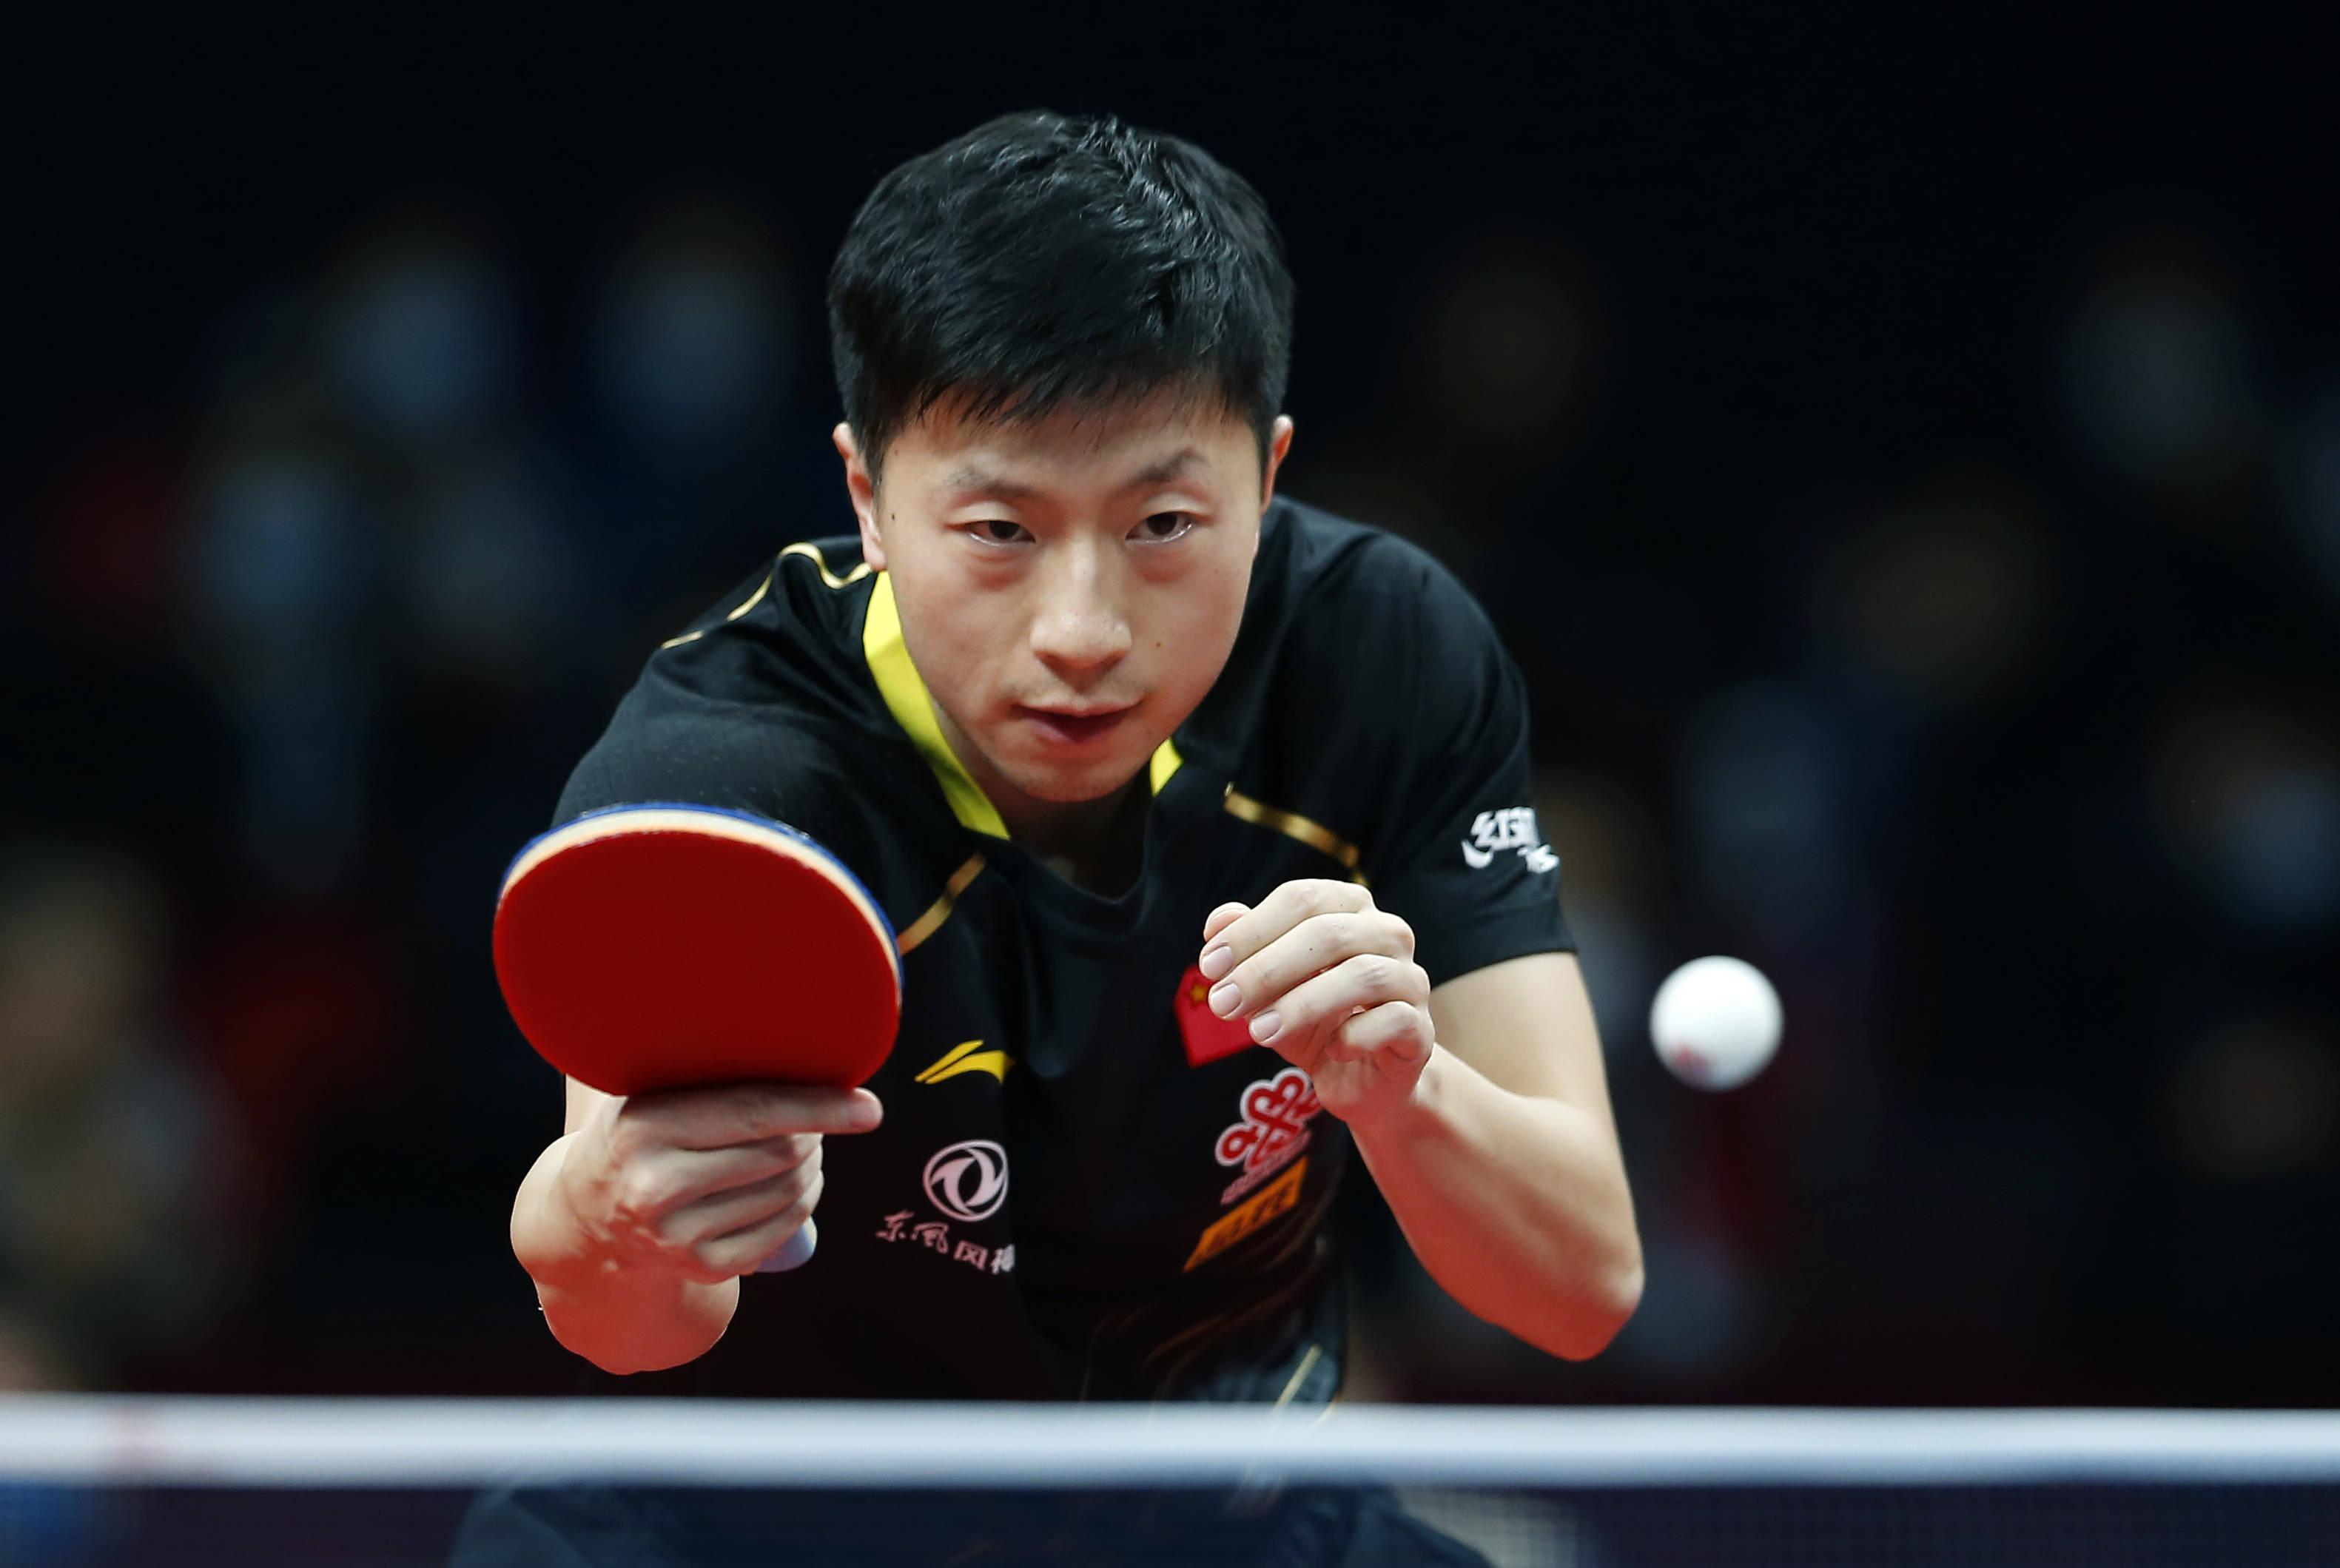 乒乓球——国际乒联总决赛男单决赛:樊振东对阵马龙